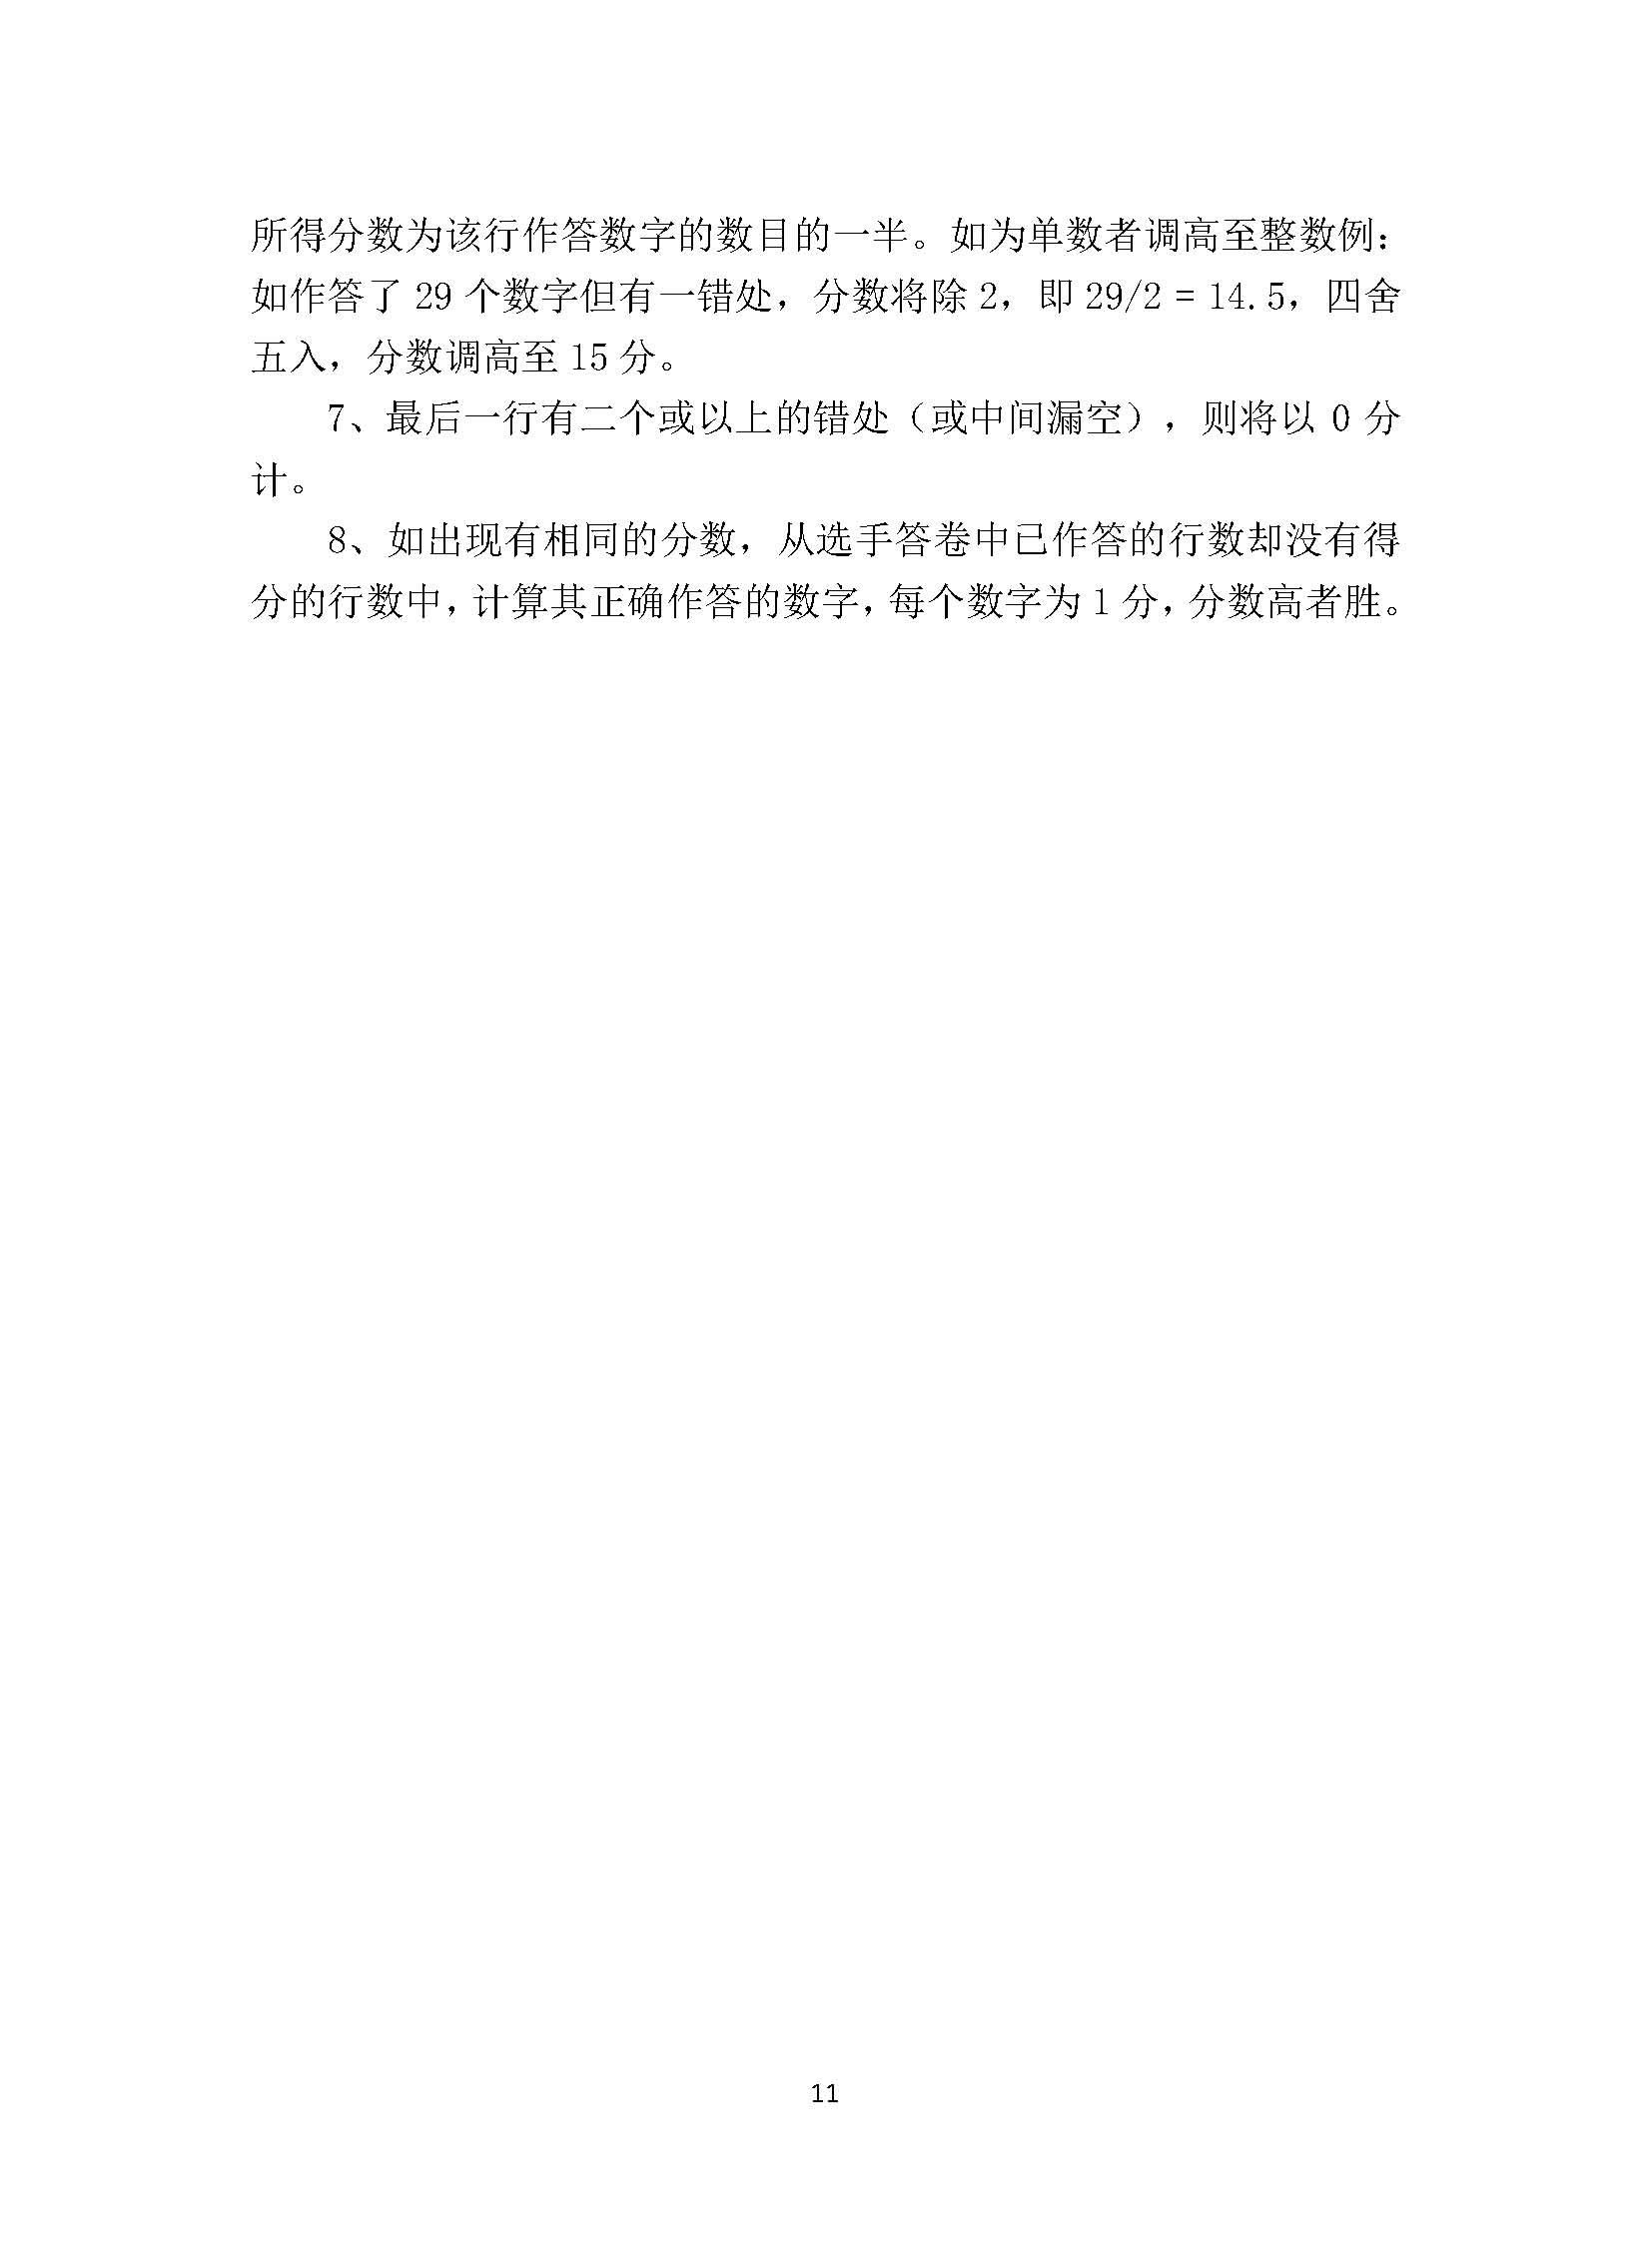 2019WMC选手训练手册-十大项目规则_页面_11